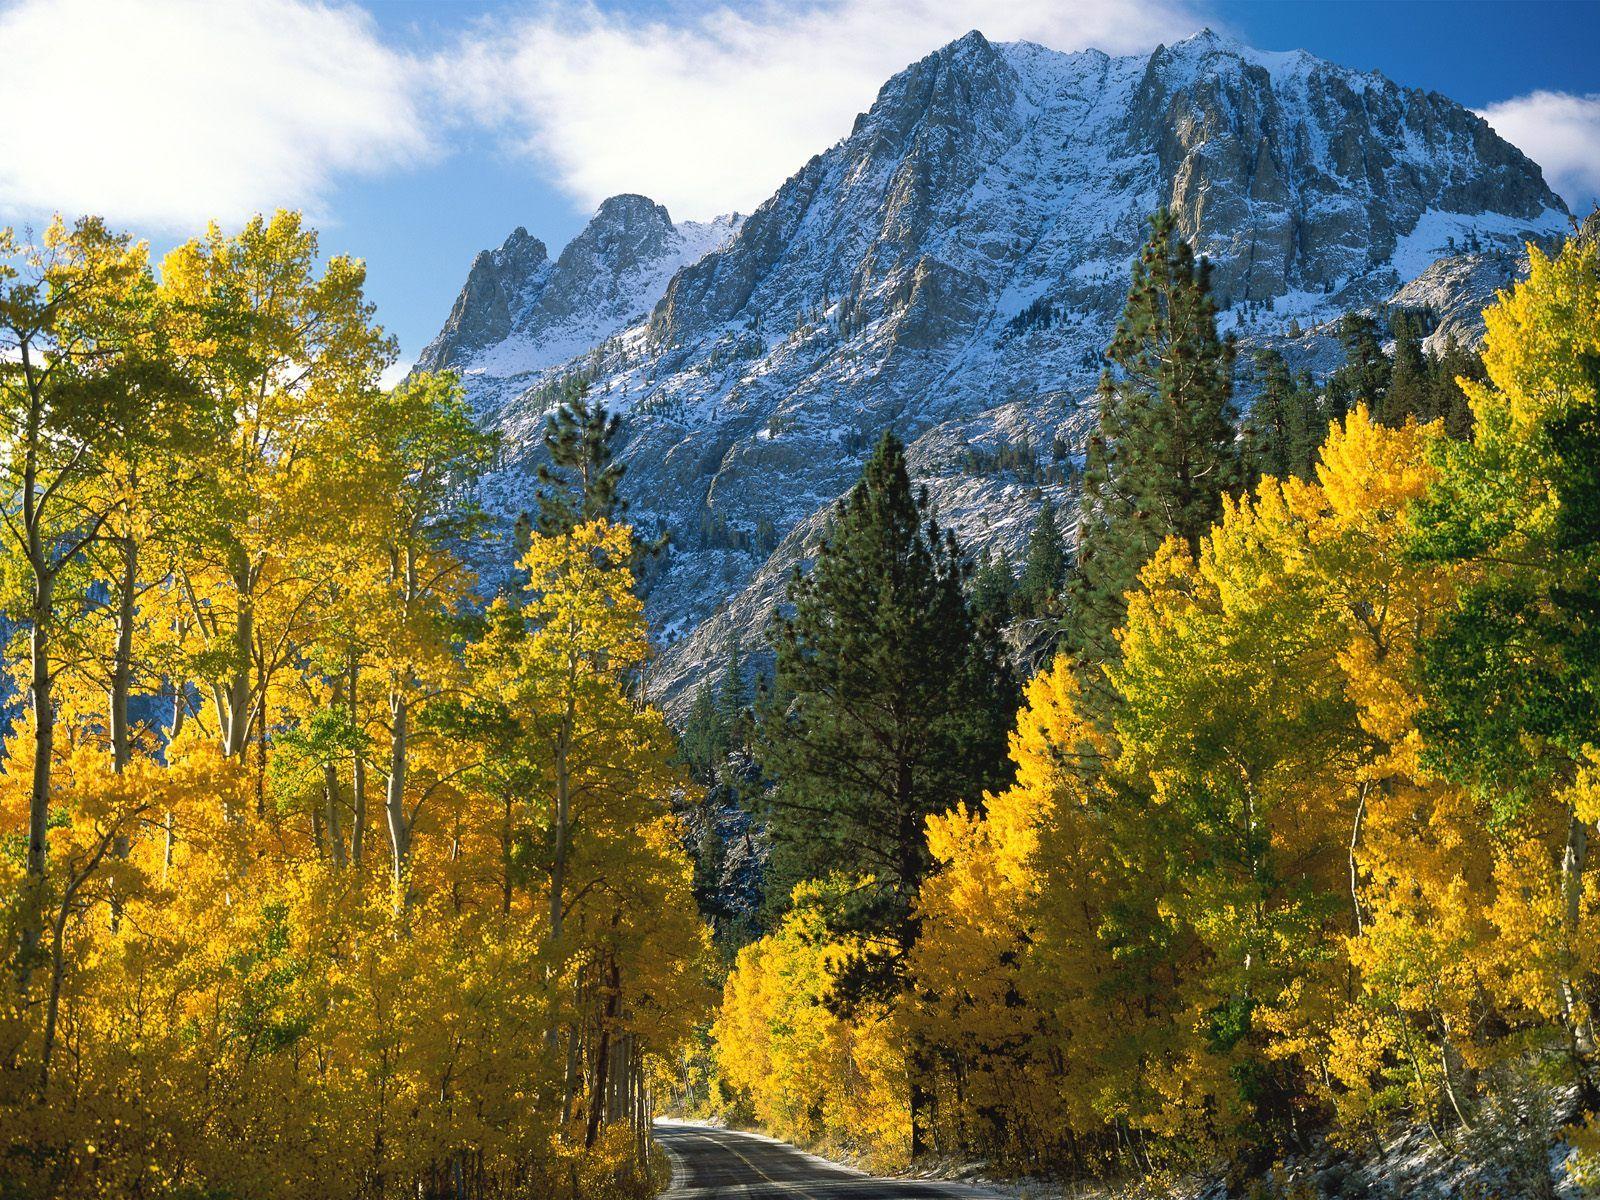 Fotos De Bosques Y Montañas - Buscar Con Google